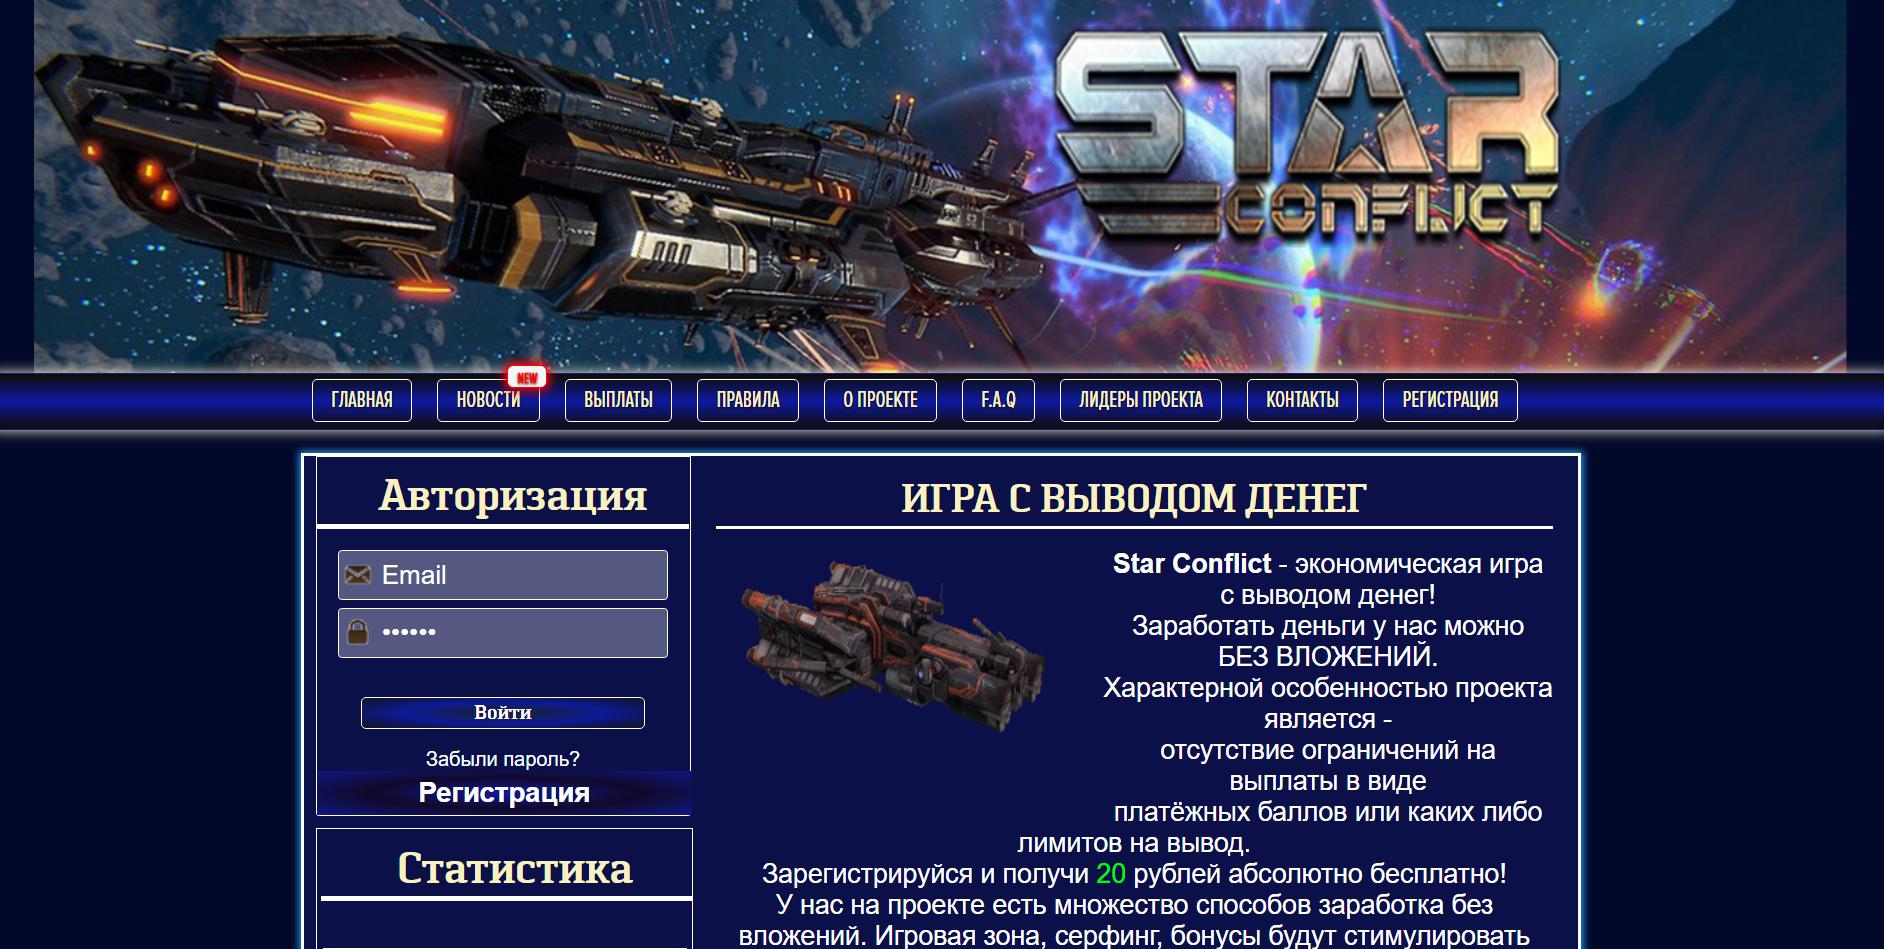 регистрация с бонусом star conflict